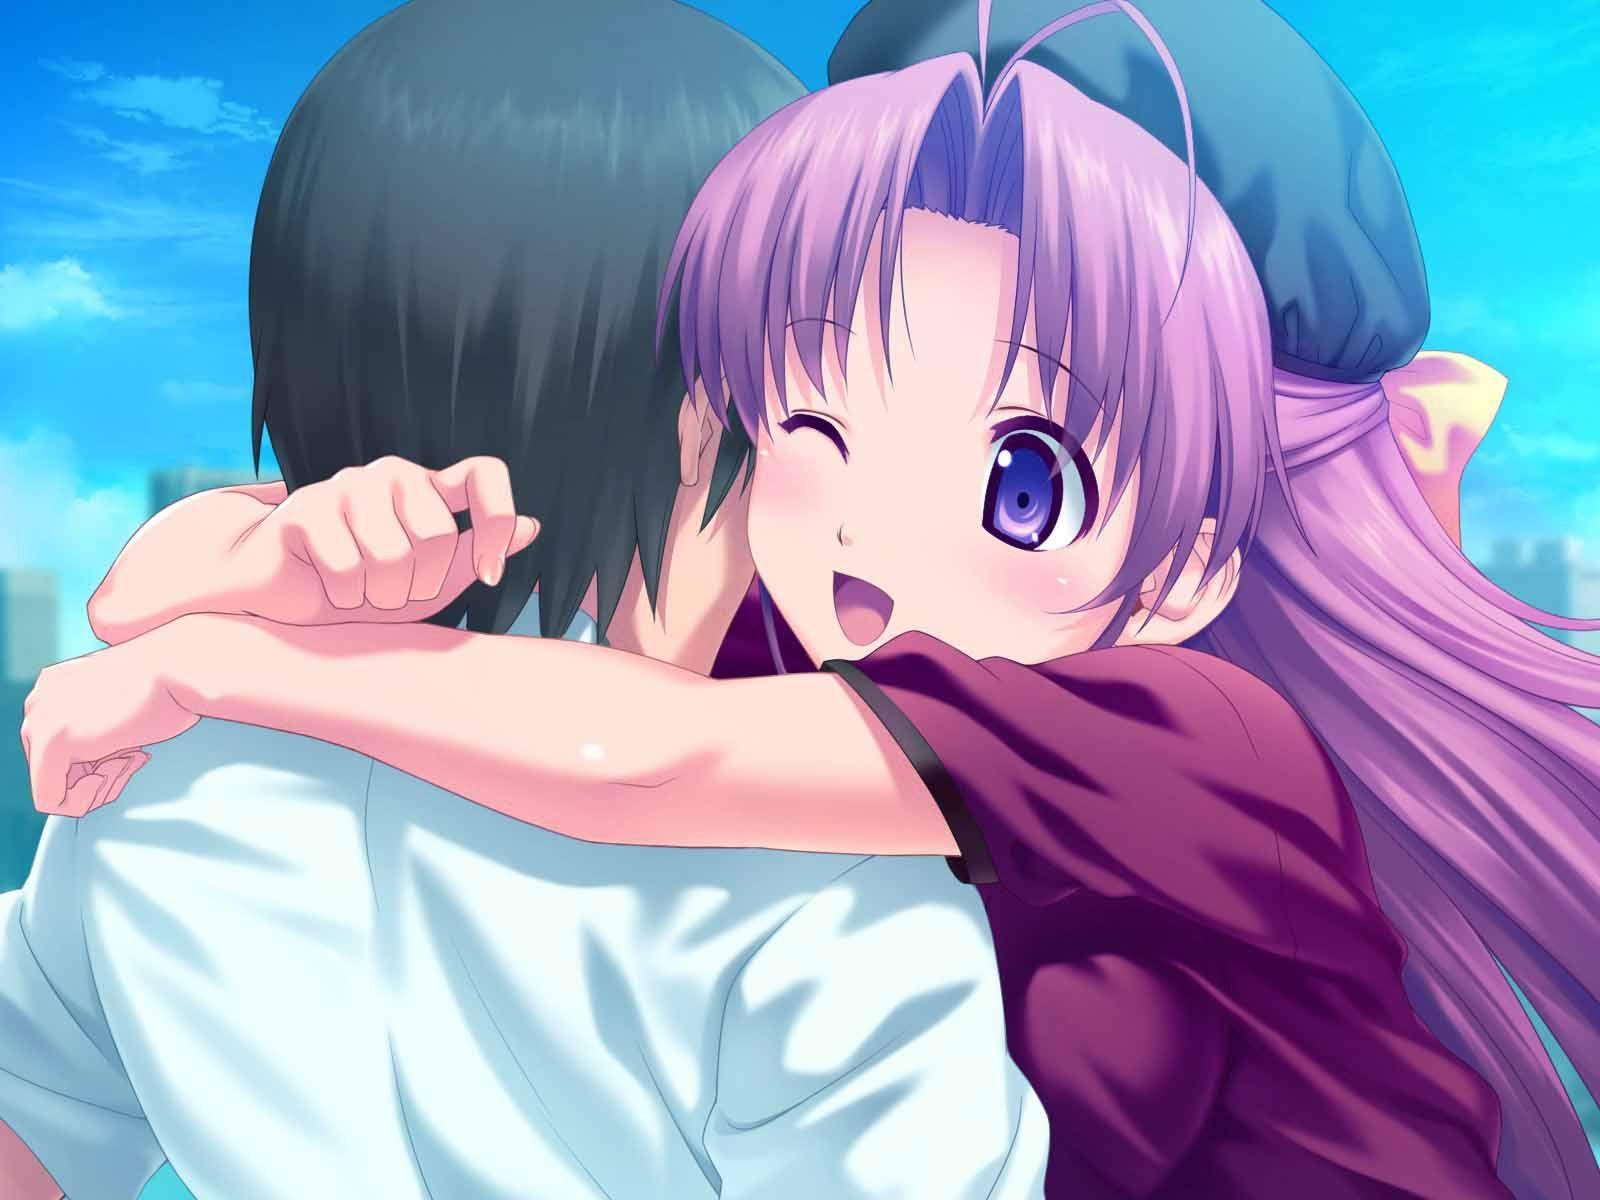 Cute Anime Hug Happy Hug Day Images Anime Hug Anime Anime Romance